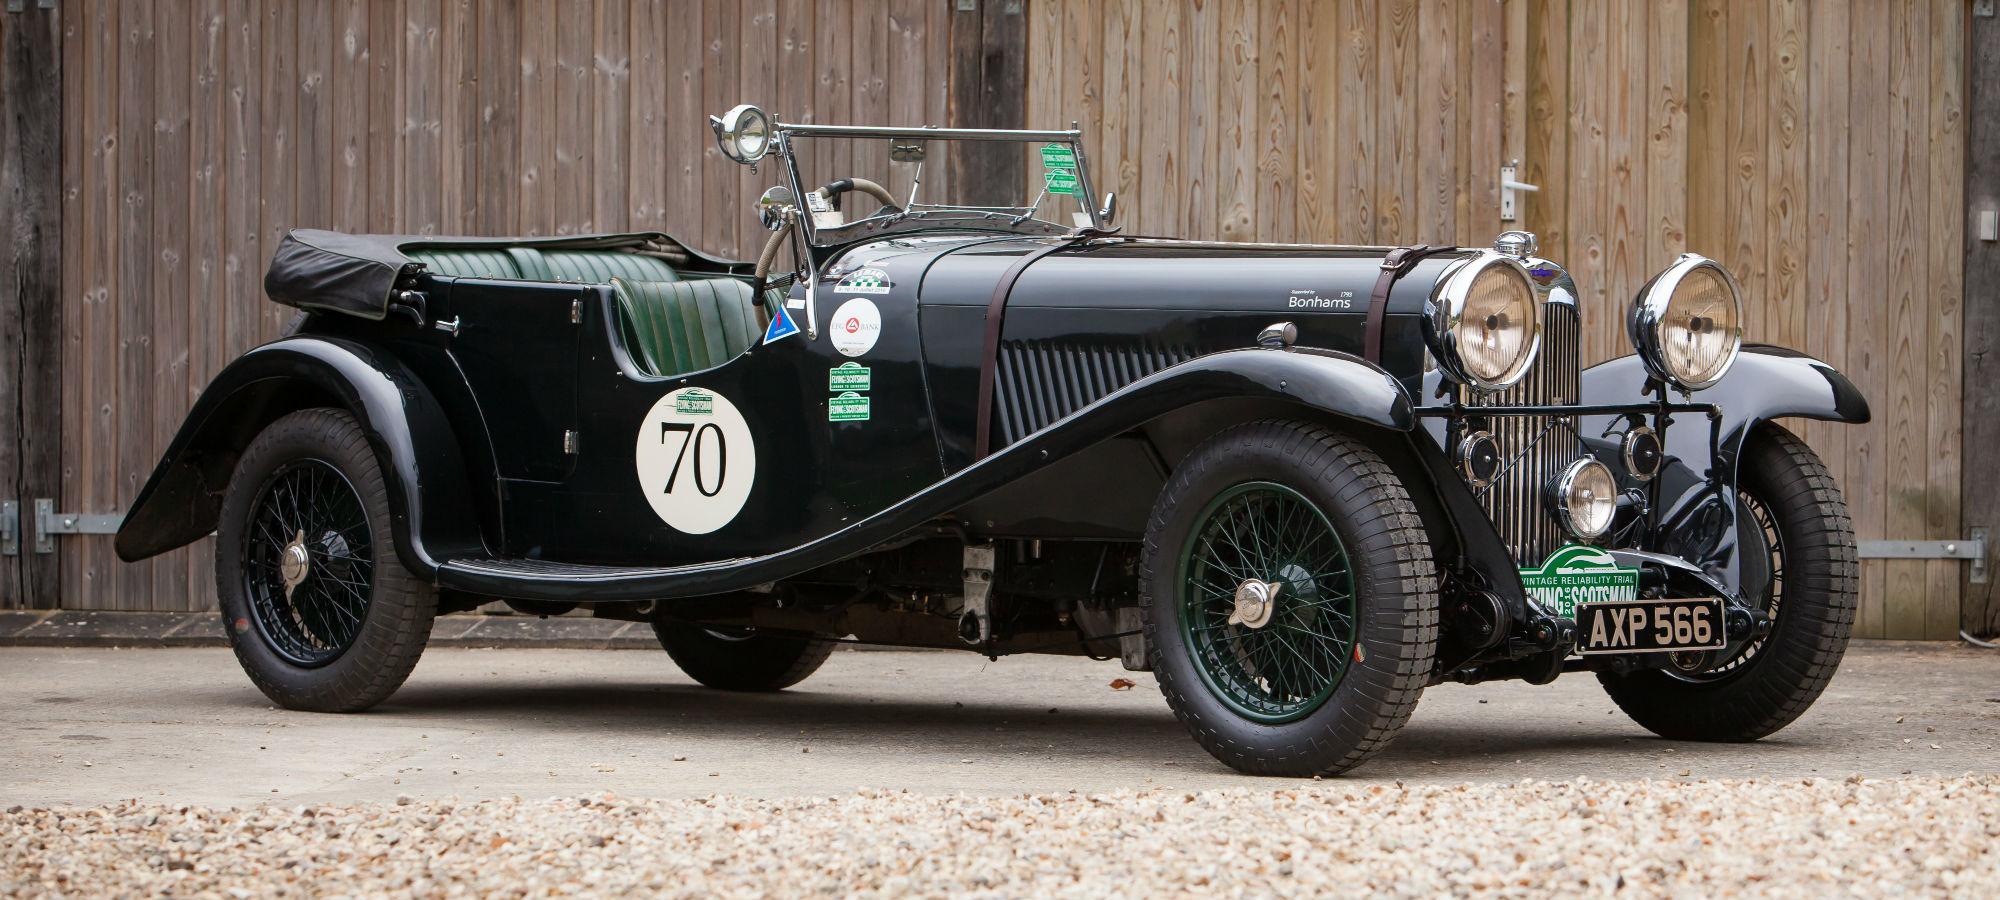 1934 Lagonda M45